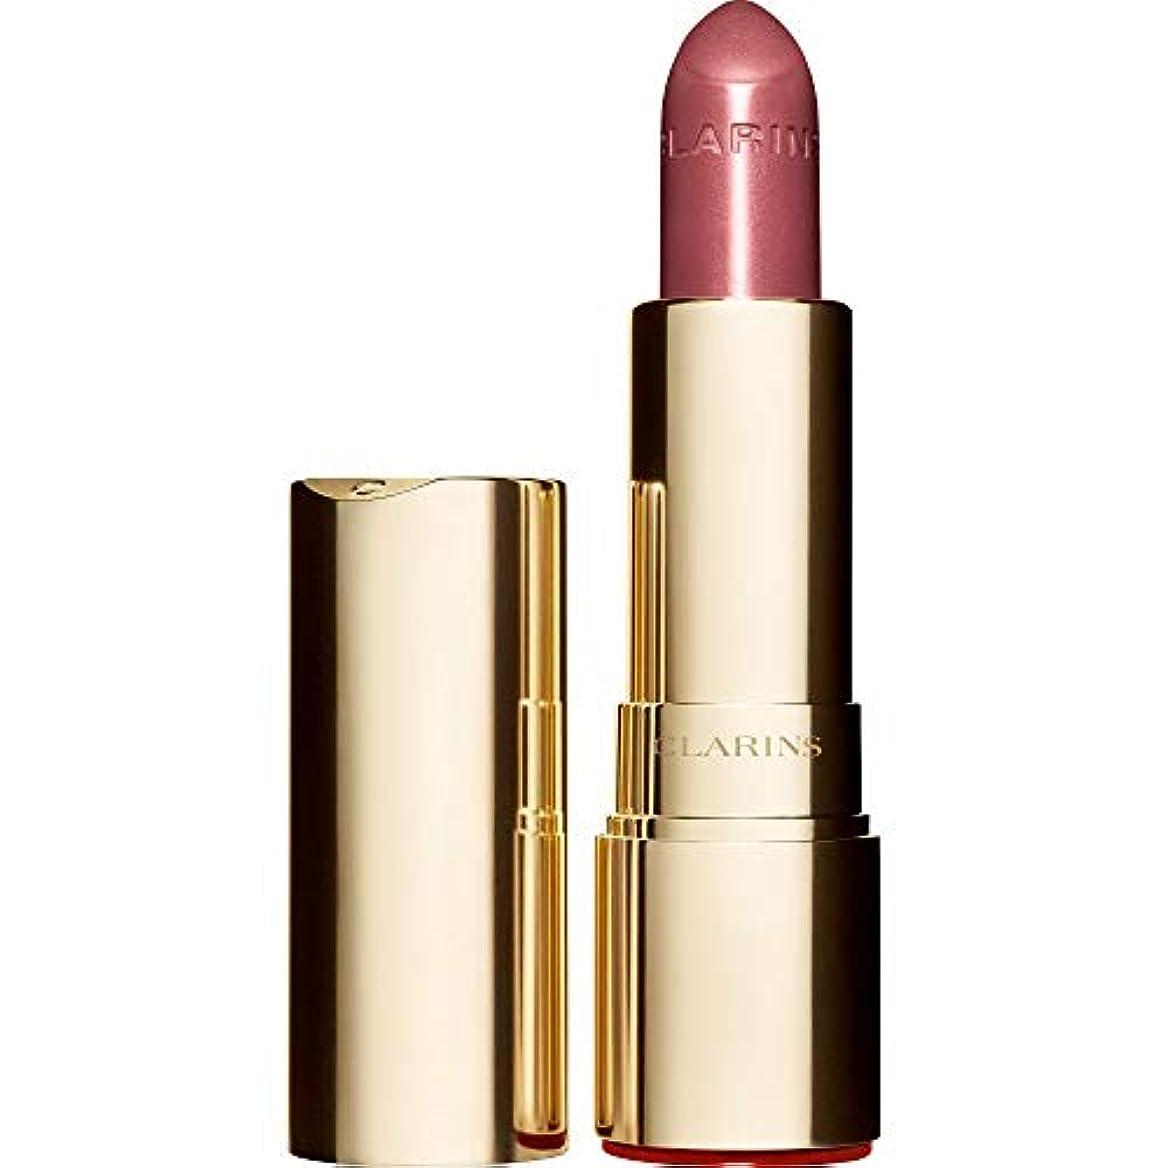 [Clarins ] クラランスジョリルージュブリリアント口紅3.5グラムの731Sは、 - ベリーローズ - Clarins Joli Rouge Brillant Lipstick 3.5g 731S - Rose...